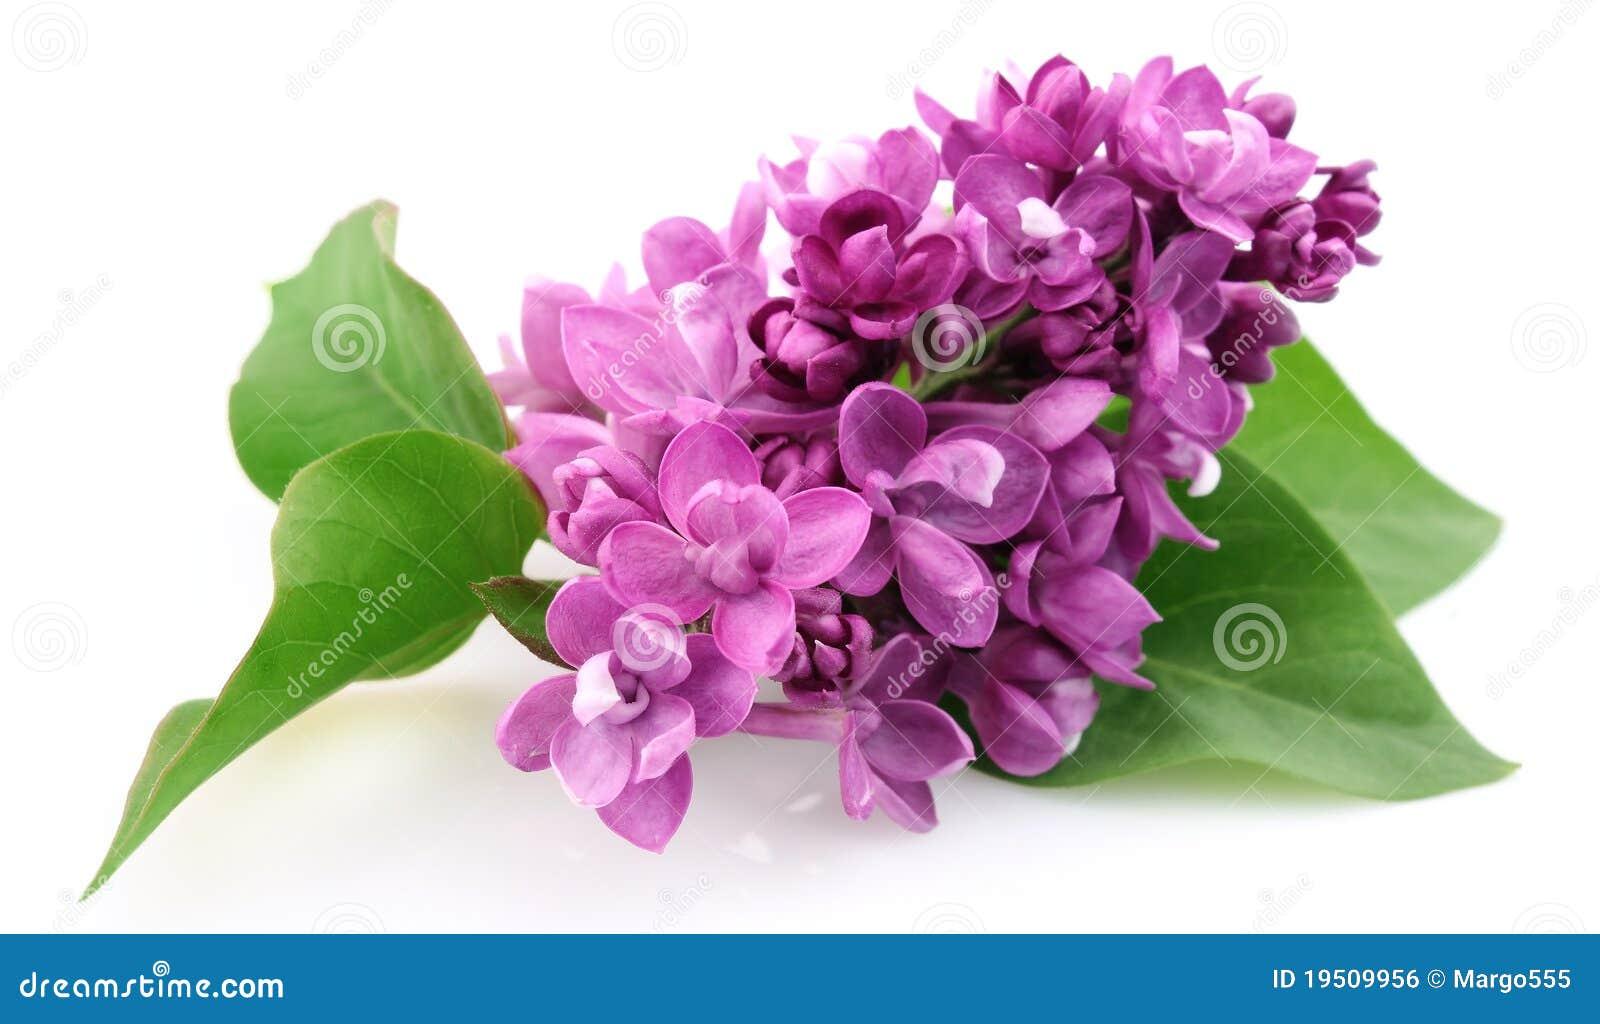 Flor de la lila del resorte